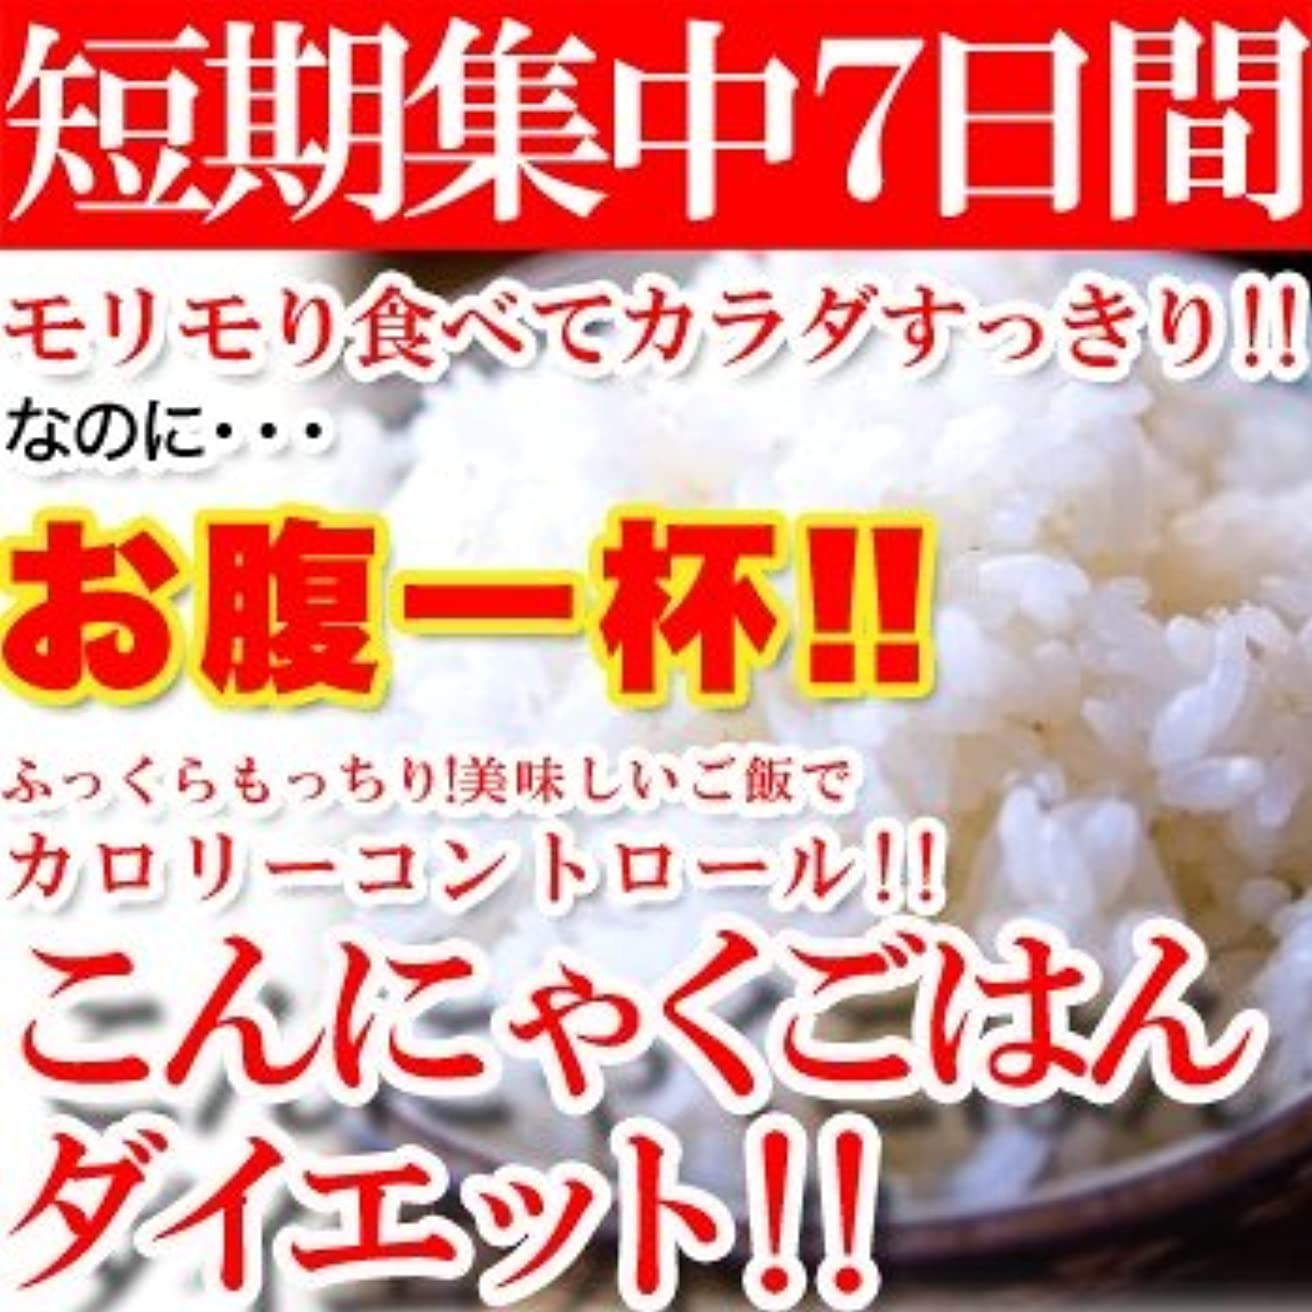 苦痛議題上へ【短期集中☆】7日間こんにゃくごはんダイエット! 4個セット ※「白いご飯」、「炭水化物」好きの方必見!いつものご飯に混ぜて炊くだけ!